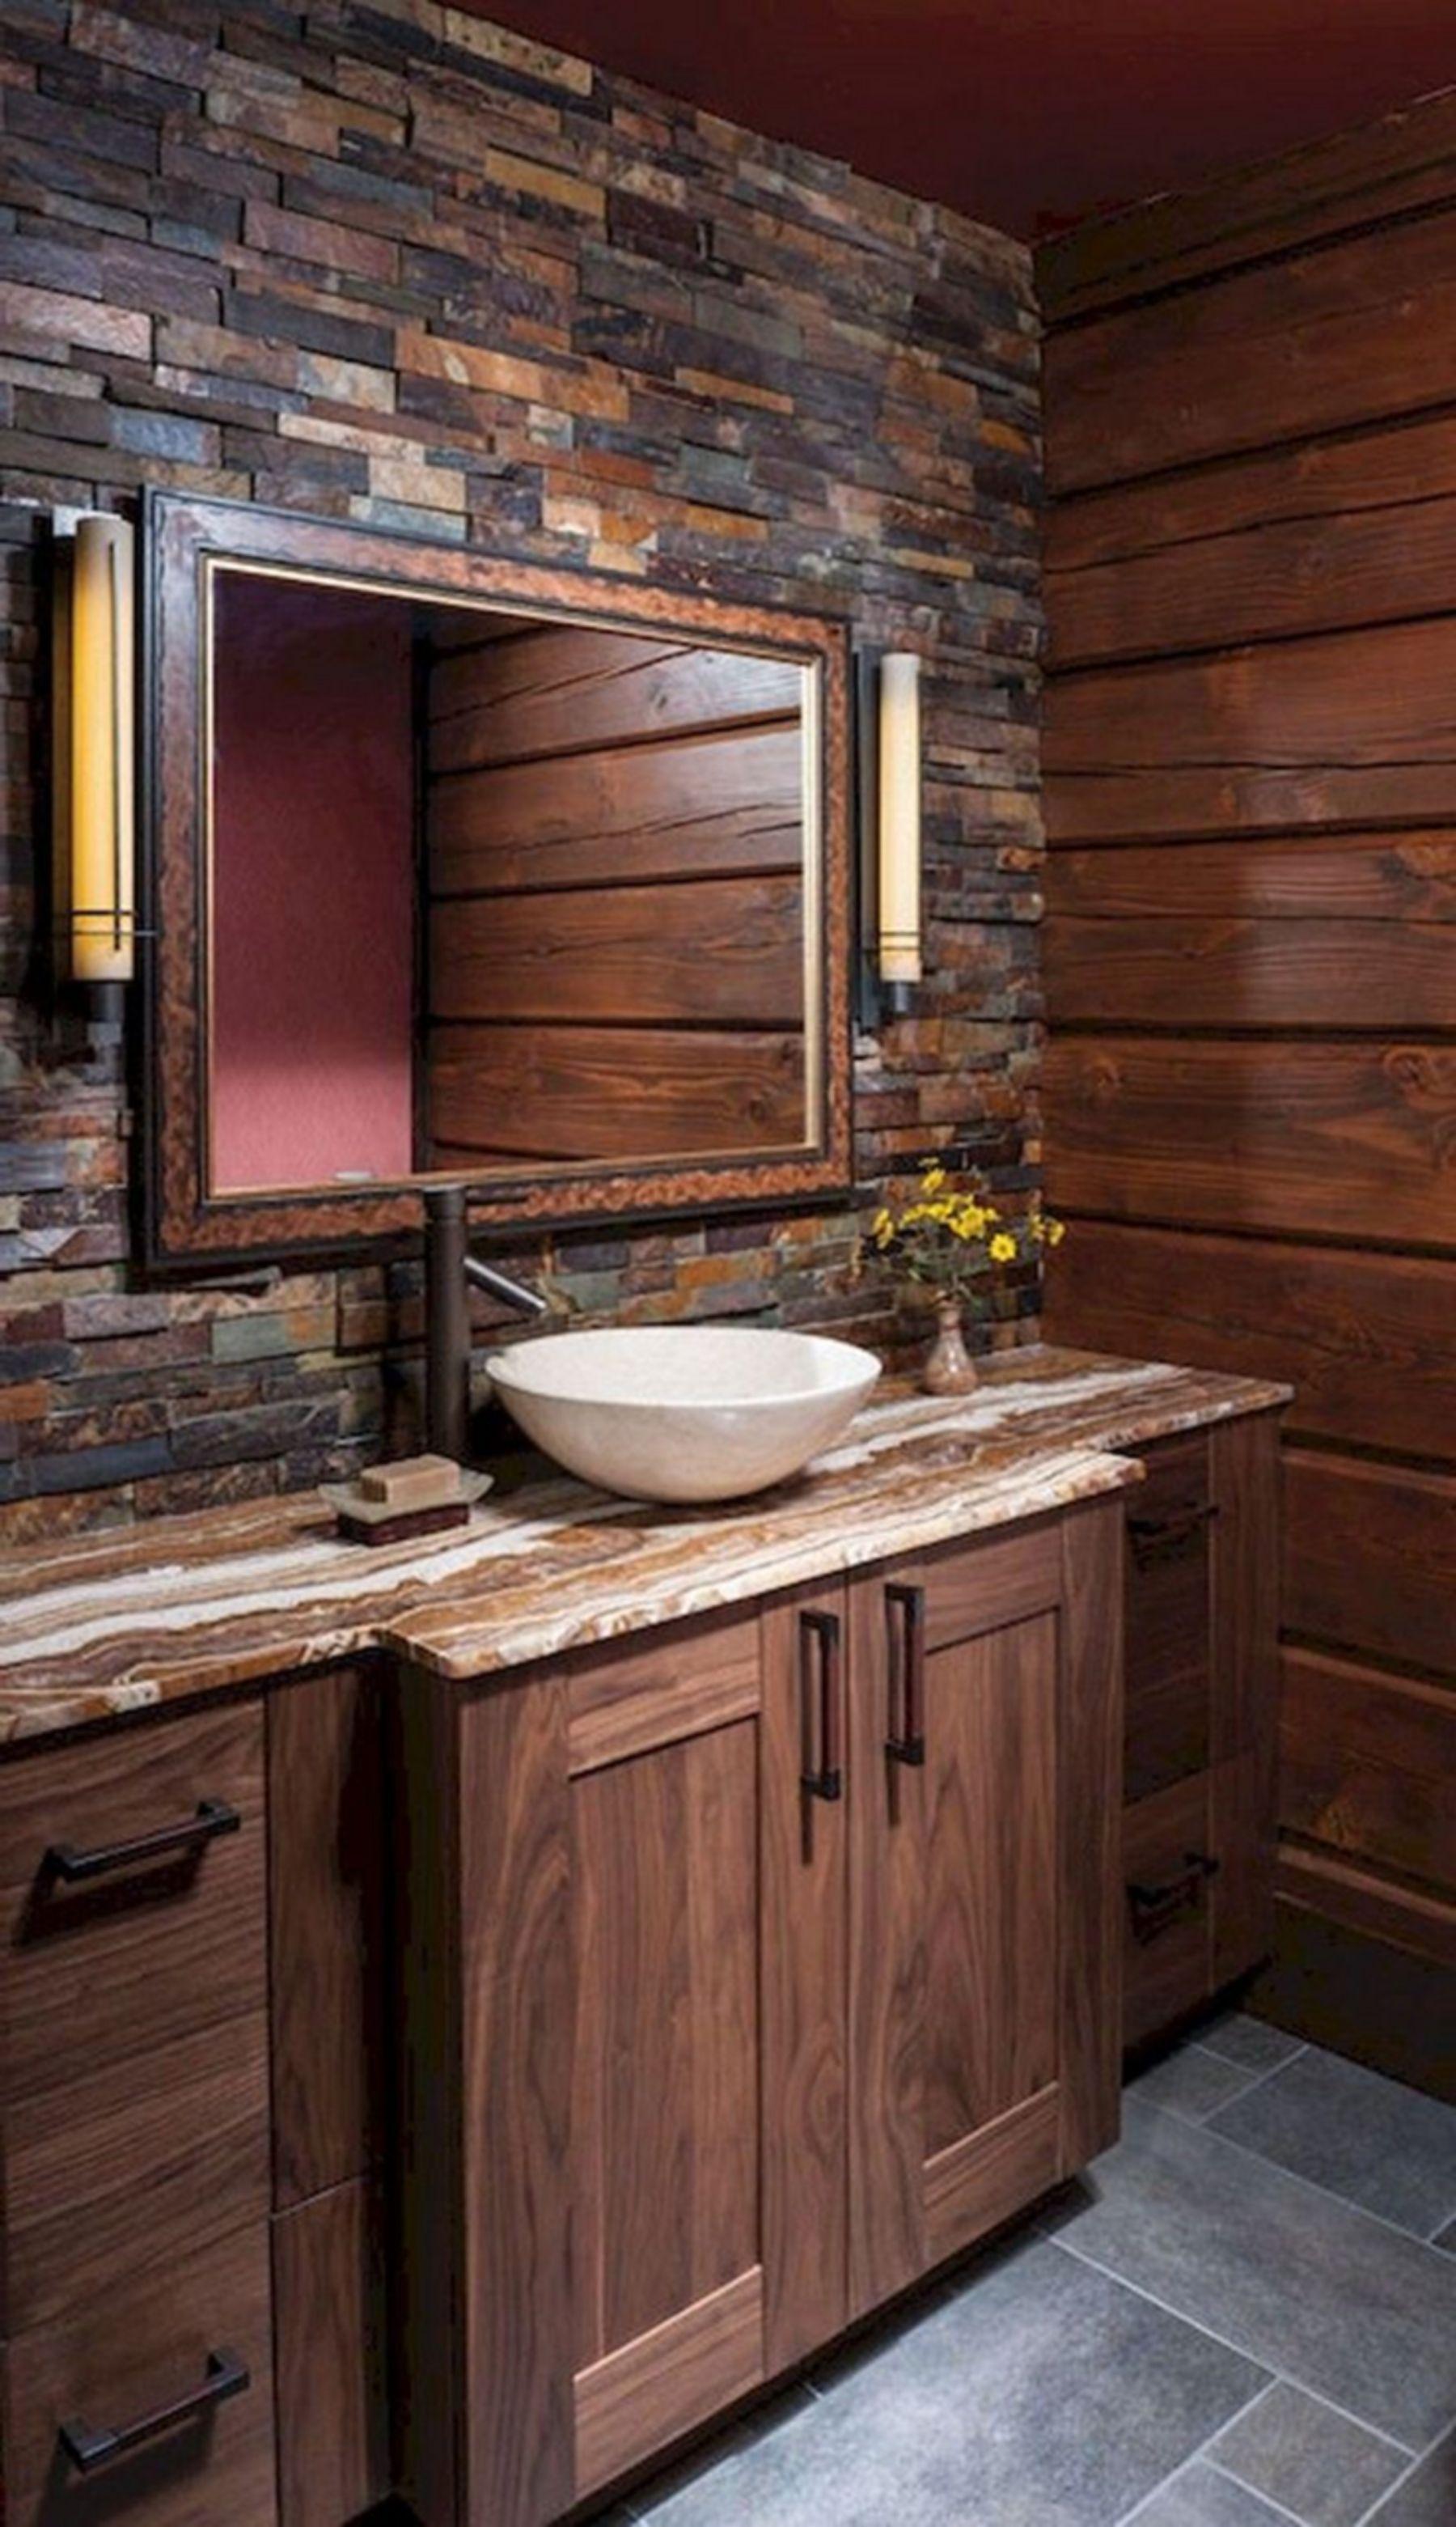 12 astonishing romantic rustic bathroom design ideas to on bathroom renovation ideas id=80034